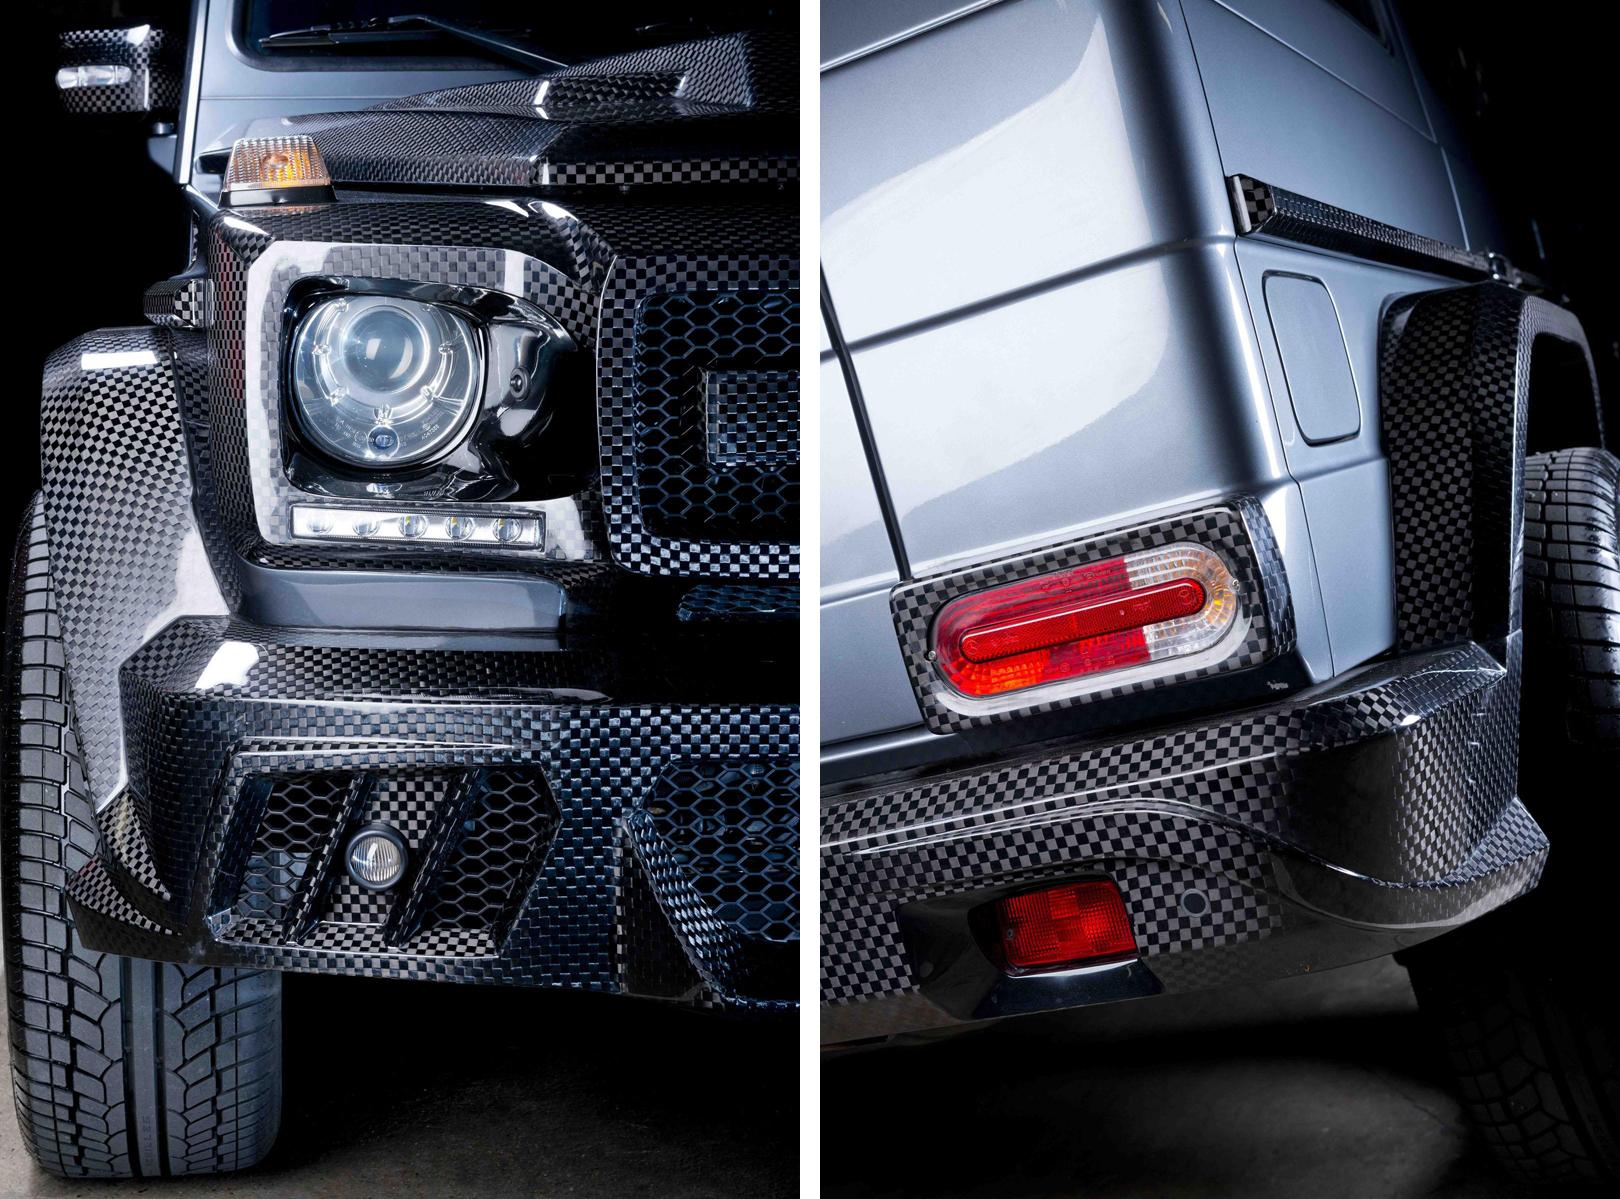 賓士《Mercedes-Benz G63 AMG》不想太經典? Prindiville推出碳纖維鎧甲勁裝